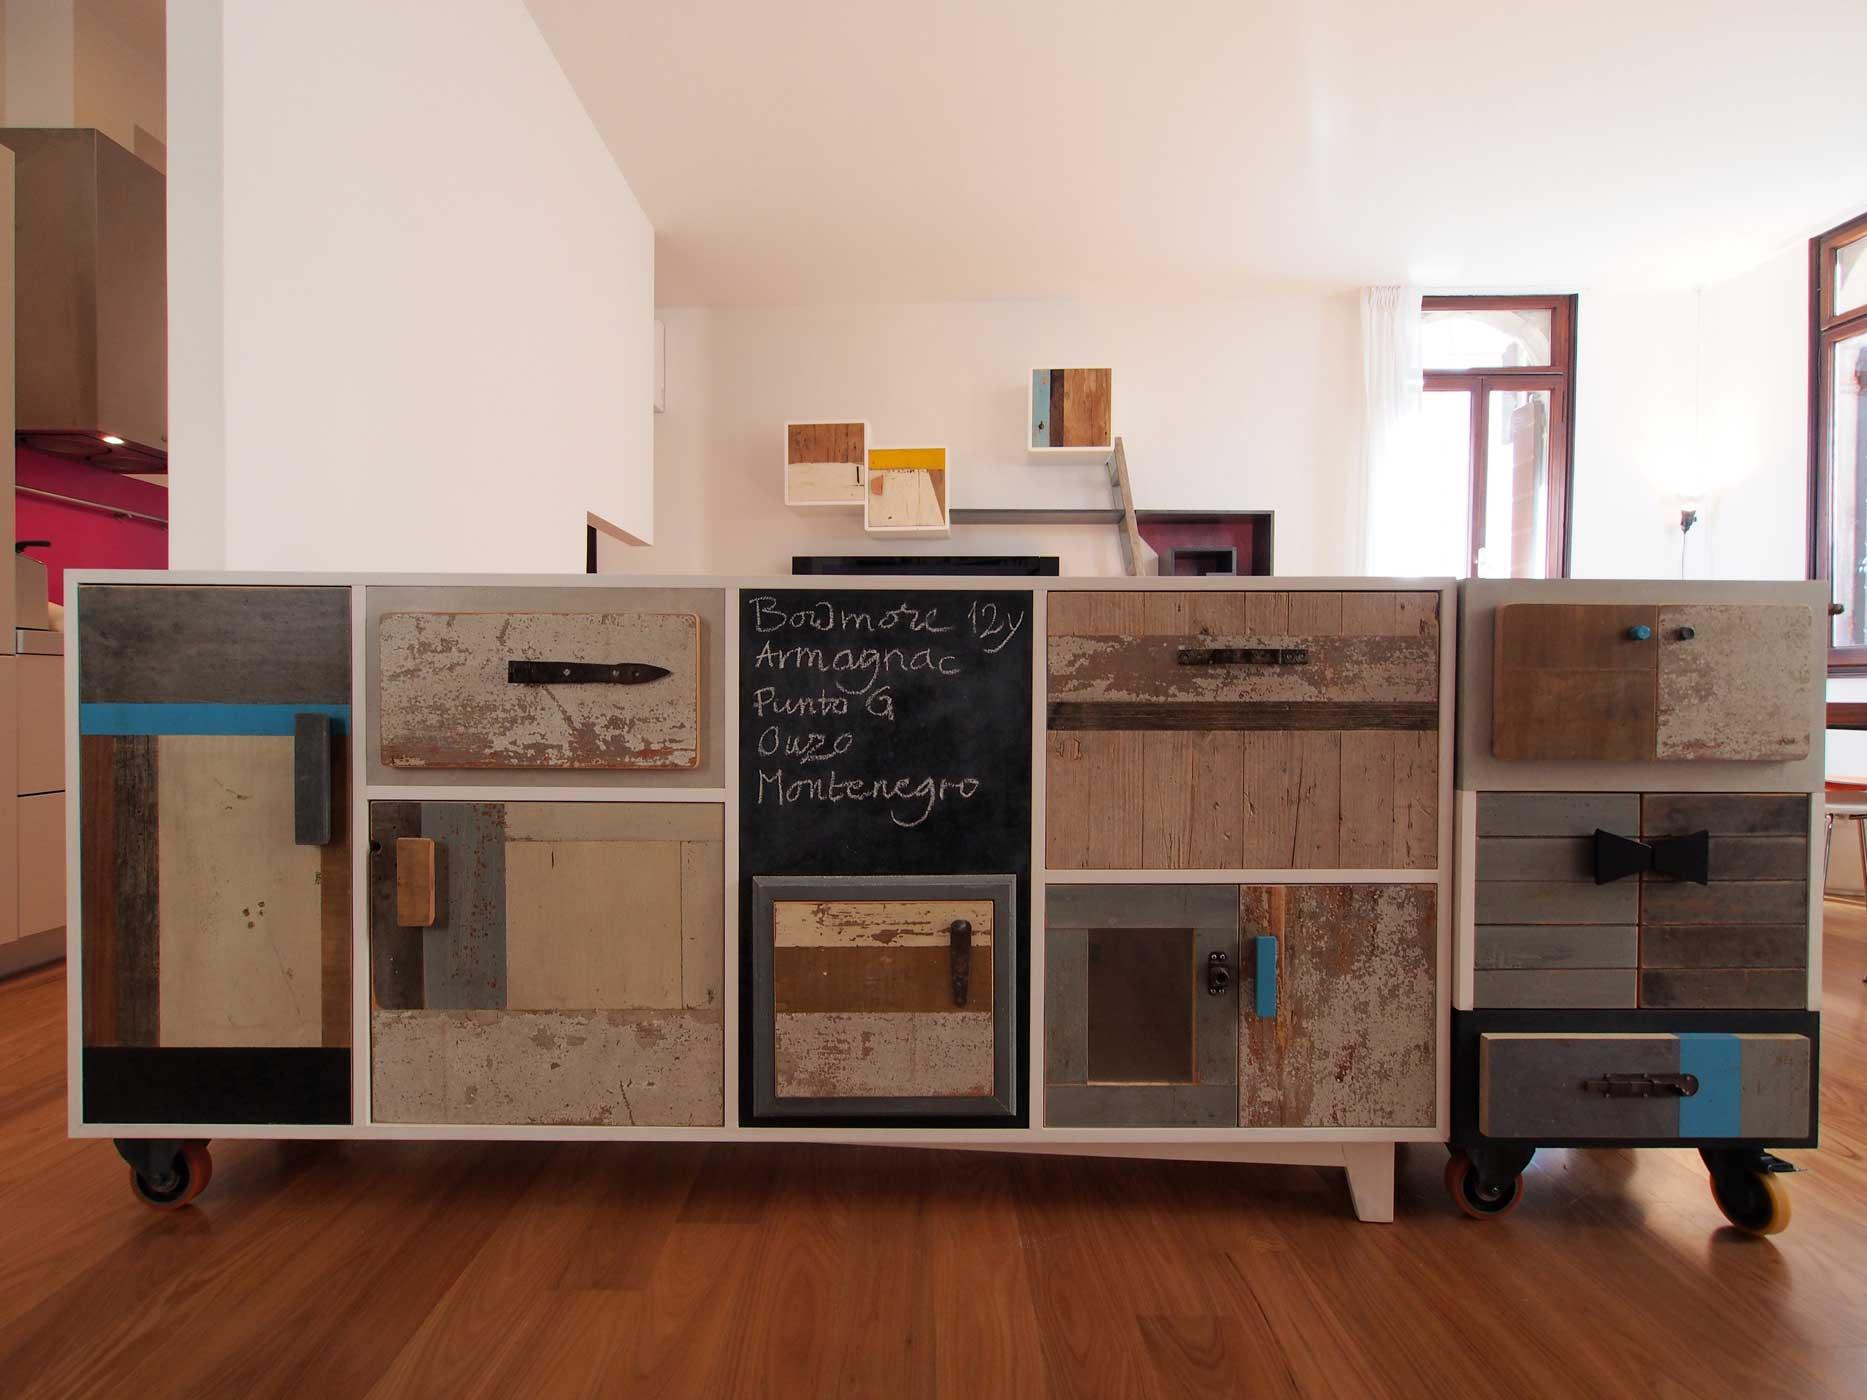 Buffet di due metri con struttura in legno laccato bianco e frontali con diversi tipi di legno riciclato e restaurato a mano. Struttura su ruote. Dispensa riproducibile su misura.